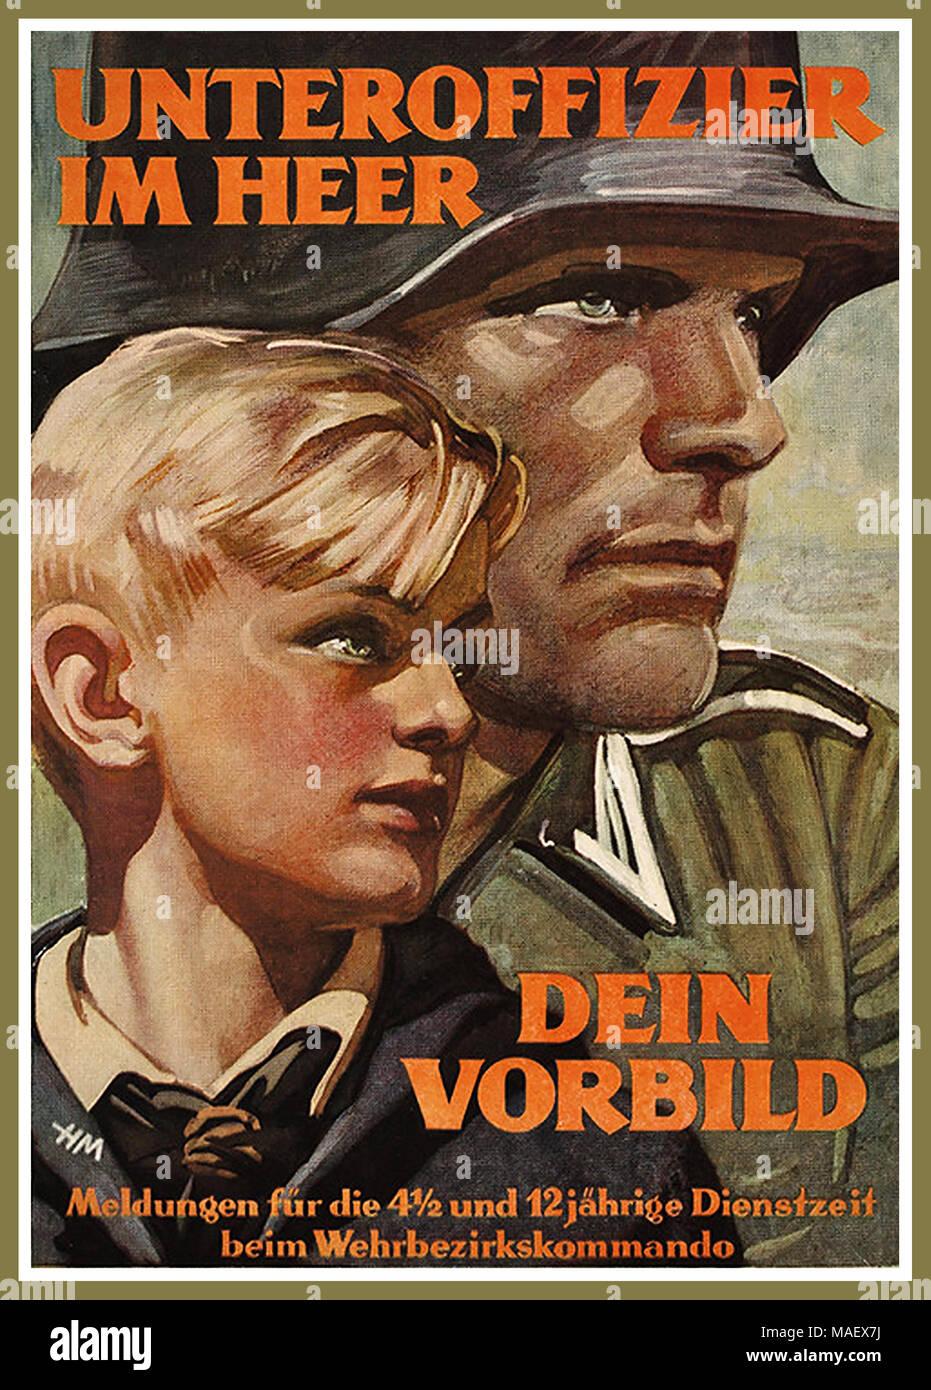 Hitler Poster Propagan...